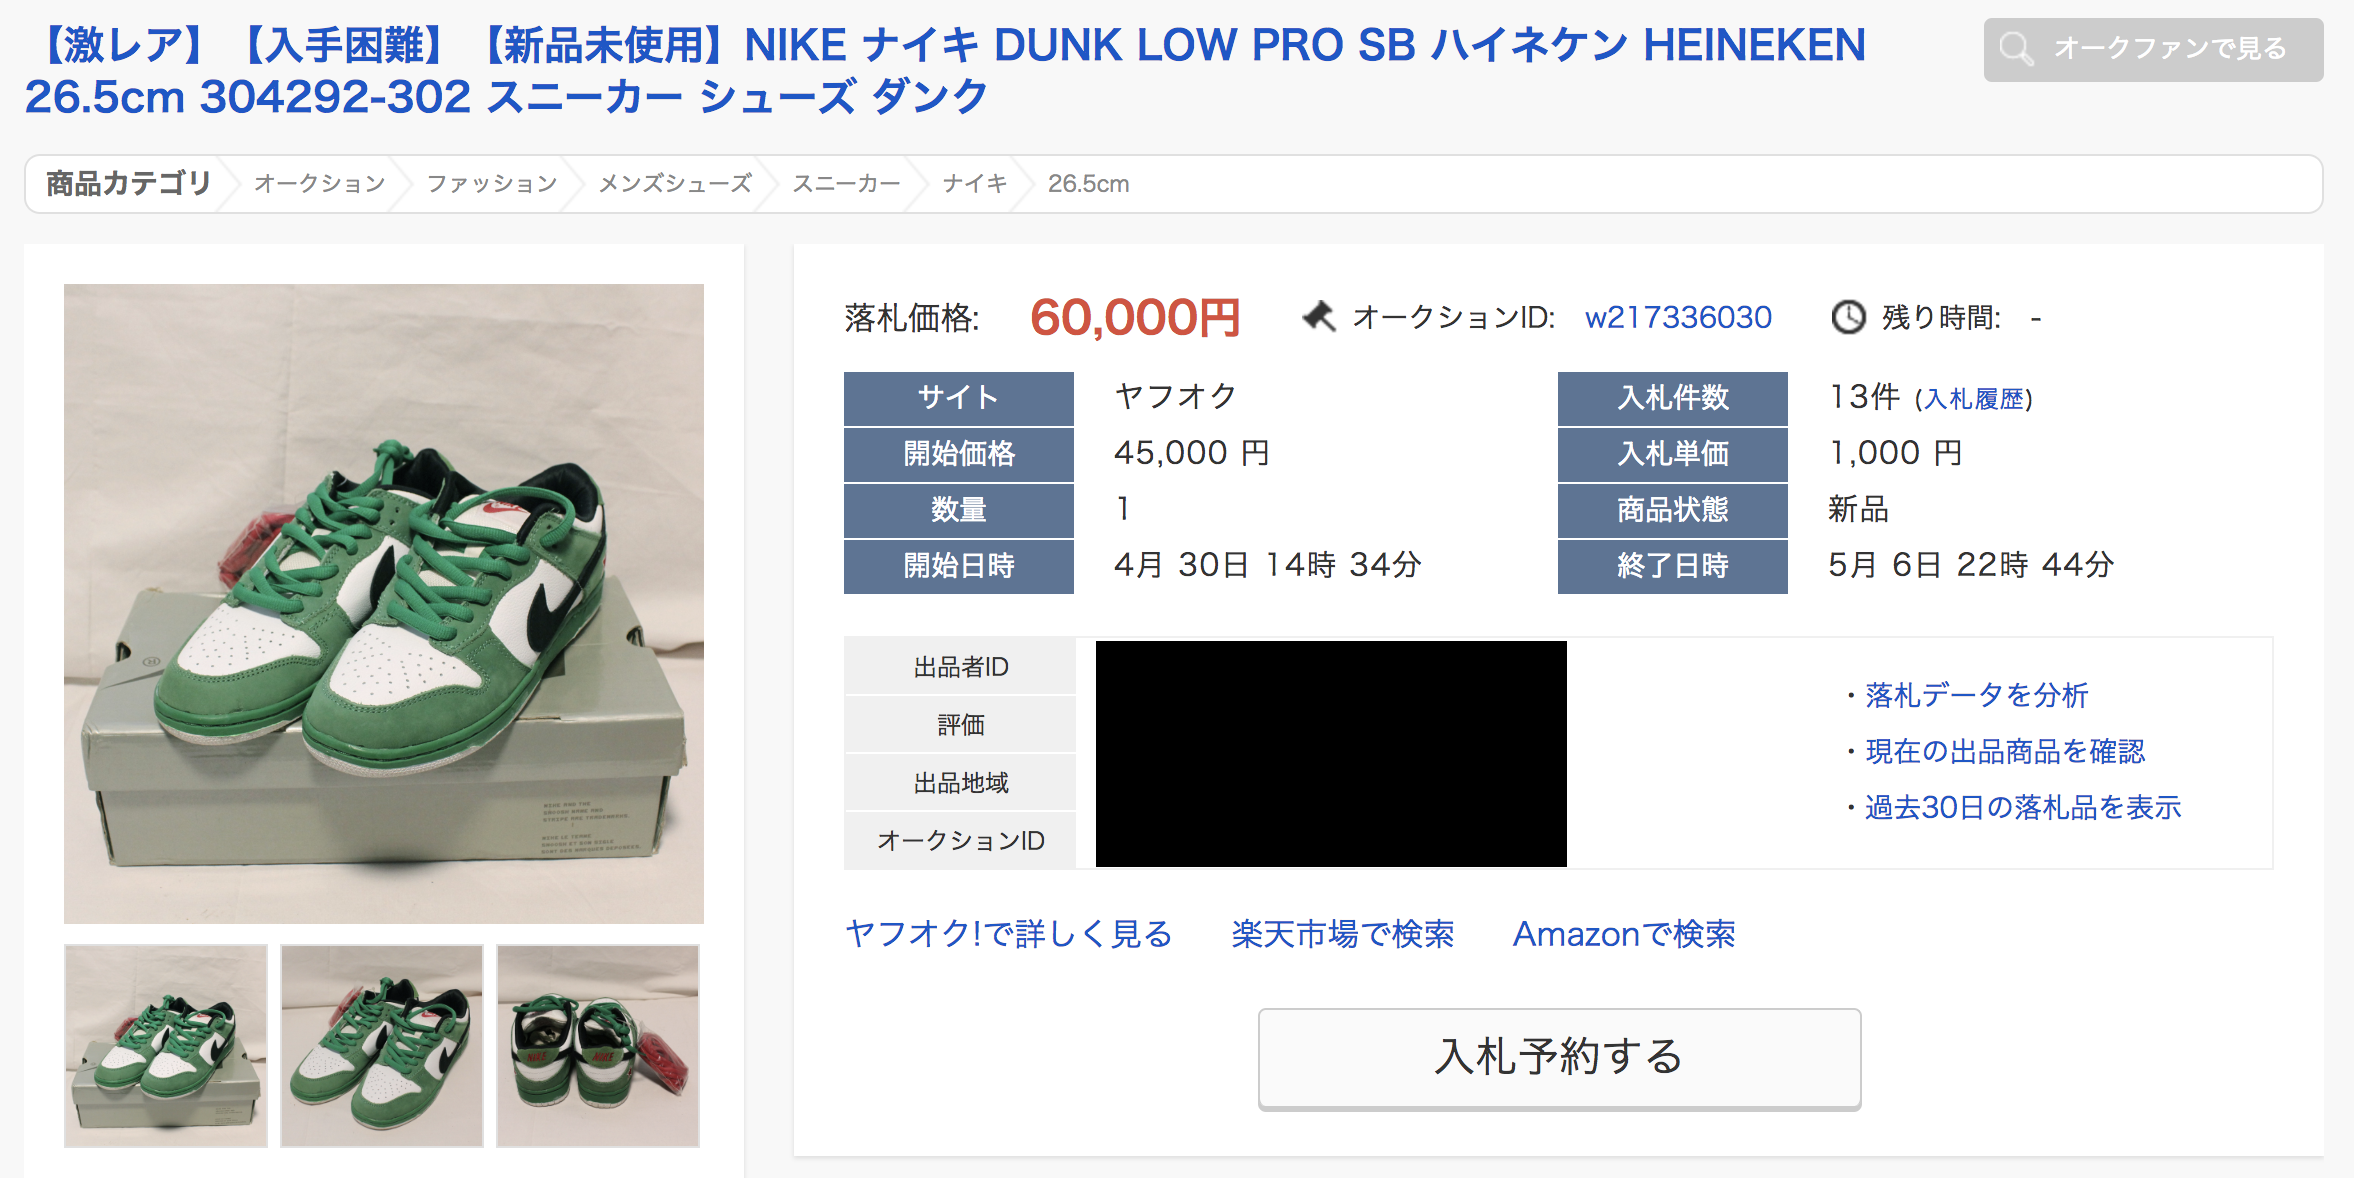 輸入転売 輸入ビジネス 欧米輸入 eBay輸入 稼げない